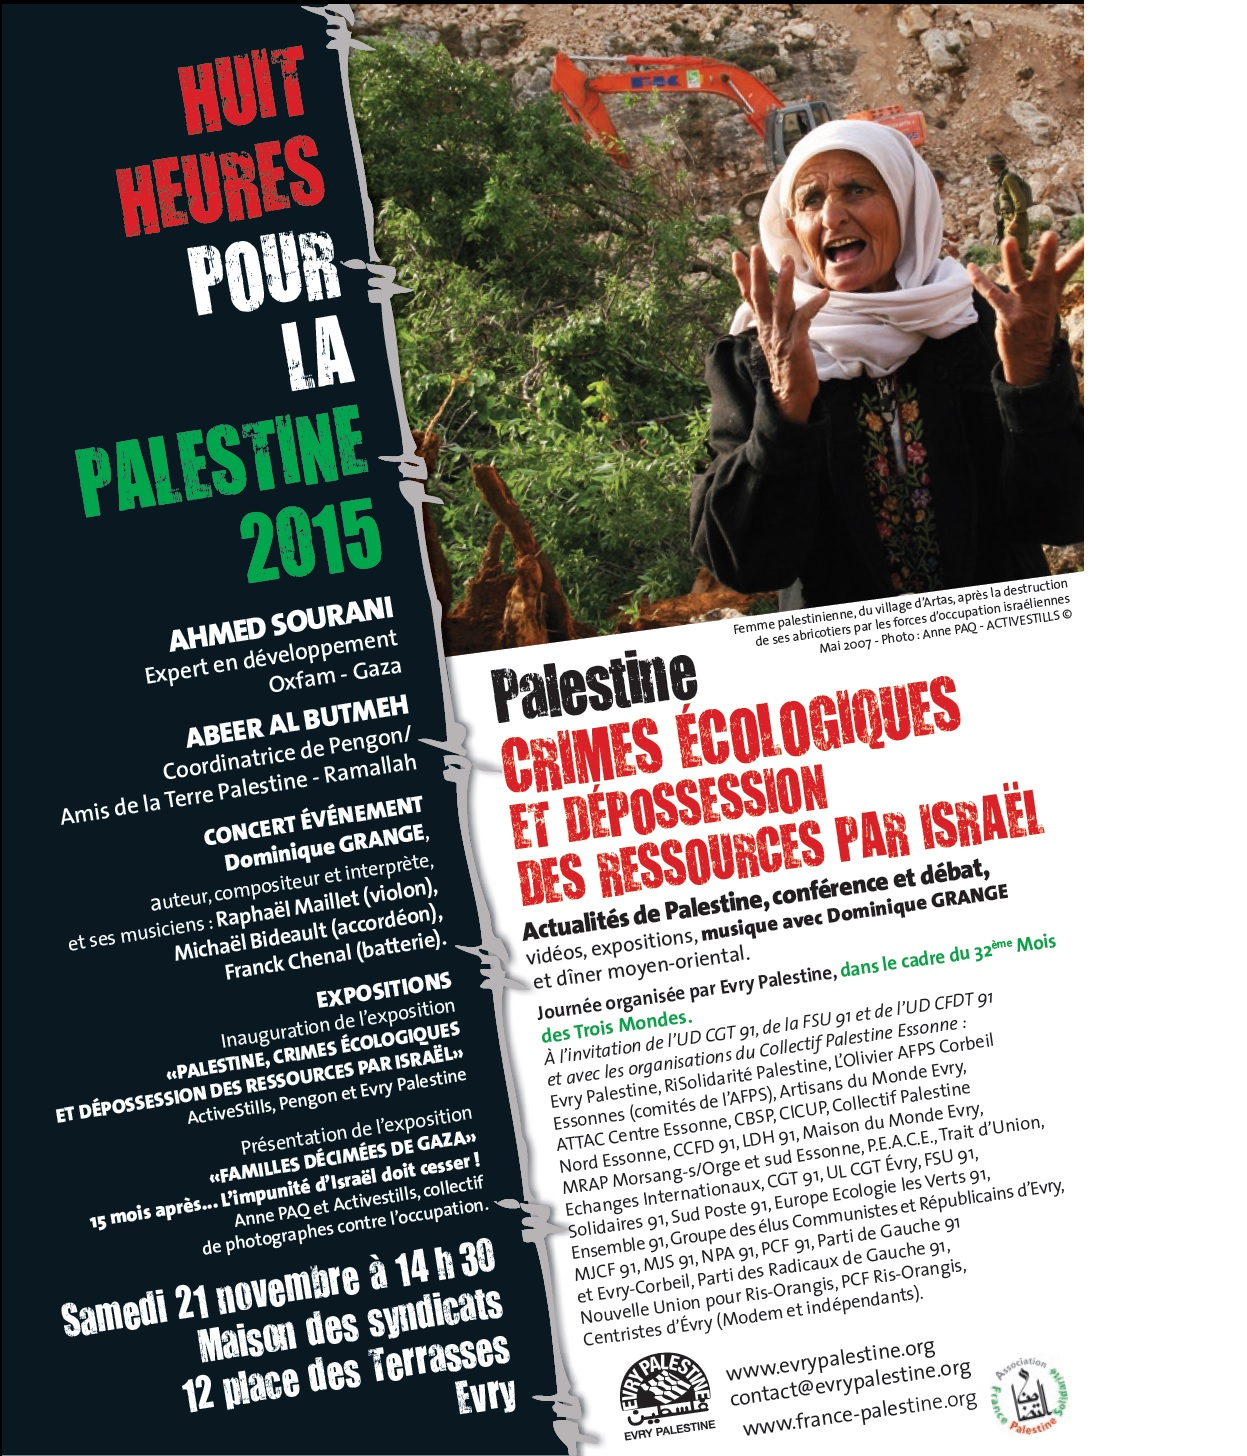 8 heures pour la Palestine Evry 21 novembre 2015